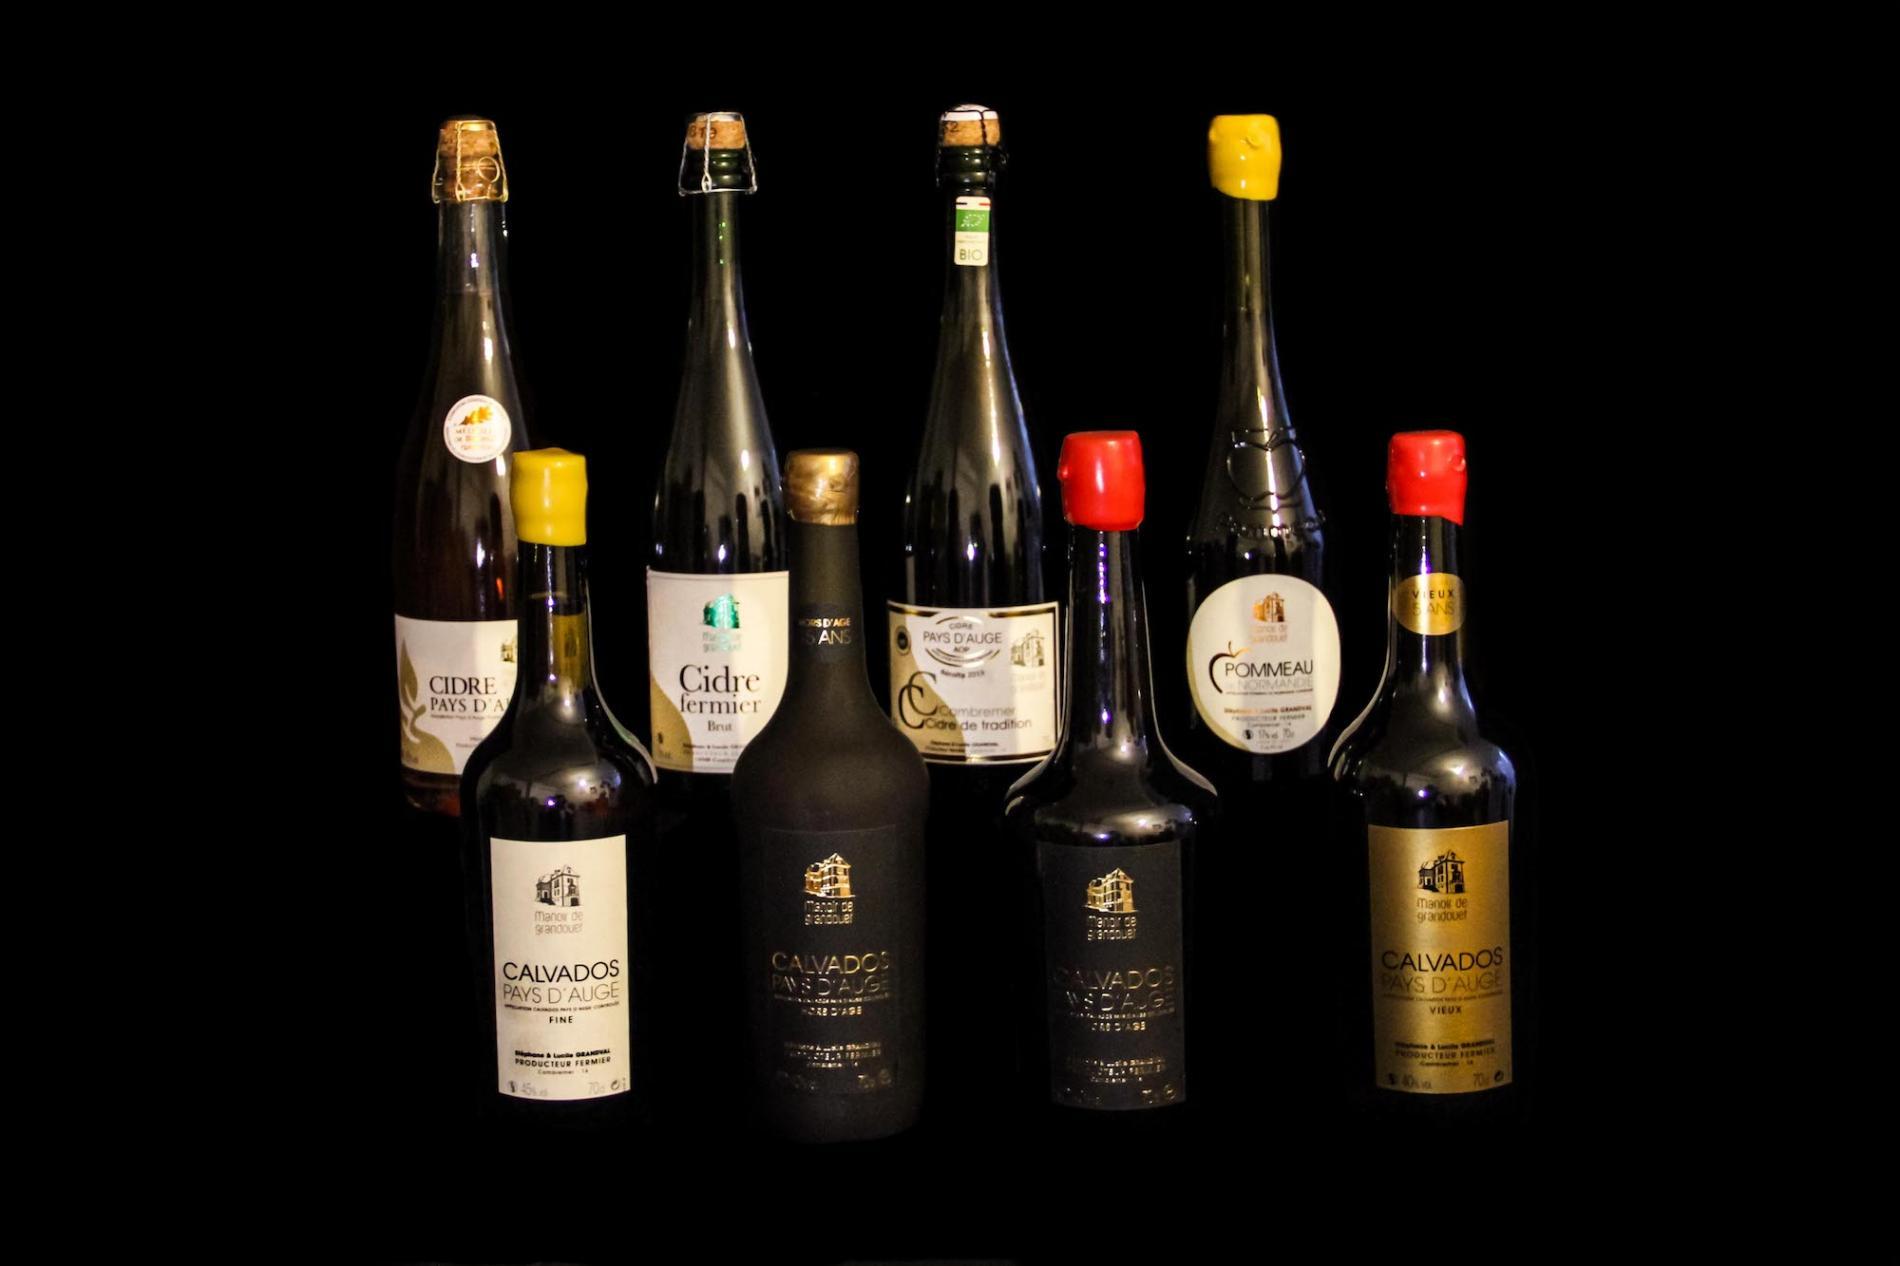 Calvados Pays d'Auge : Manoir de Grandouet